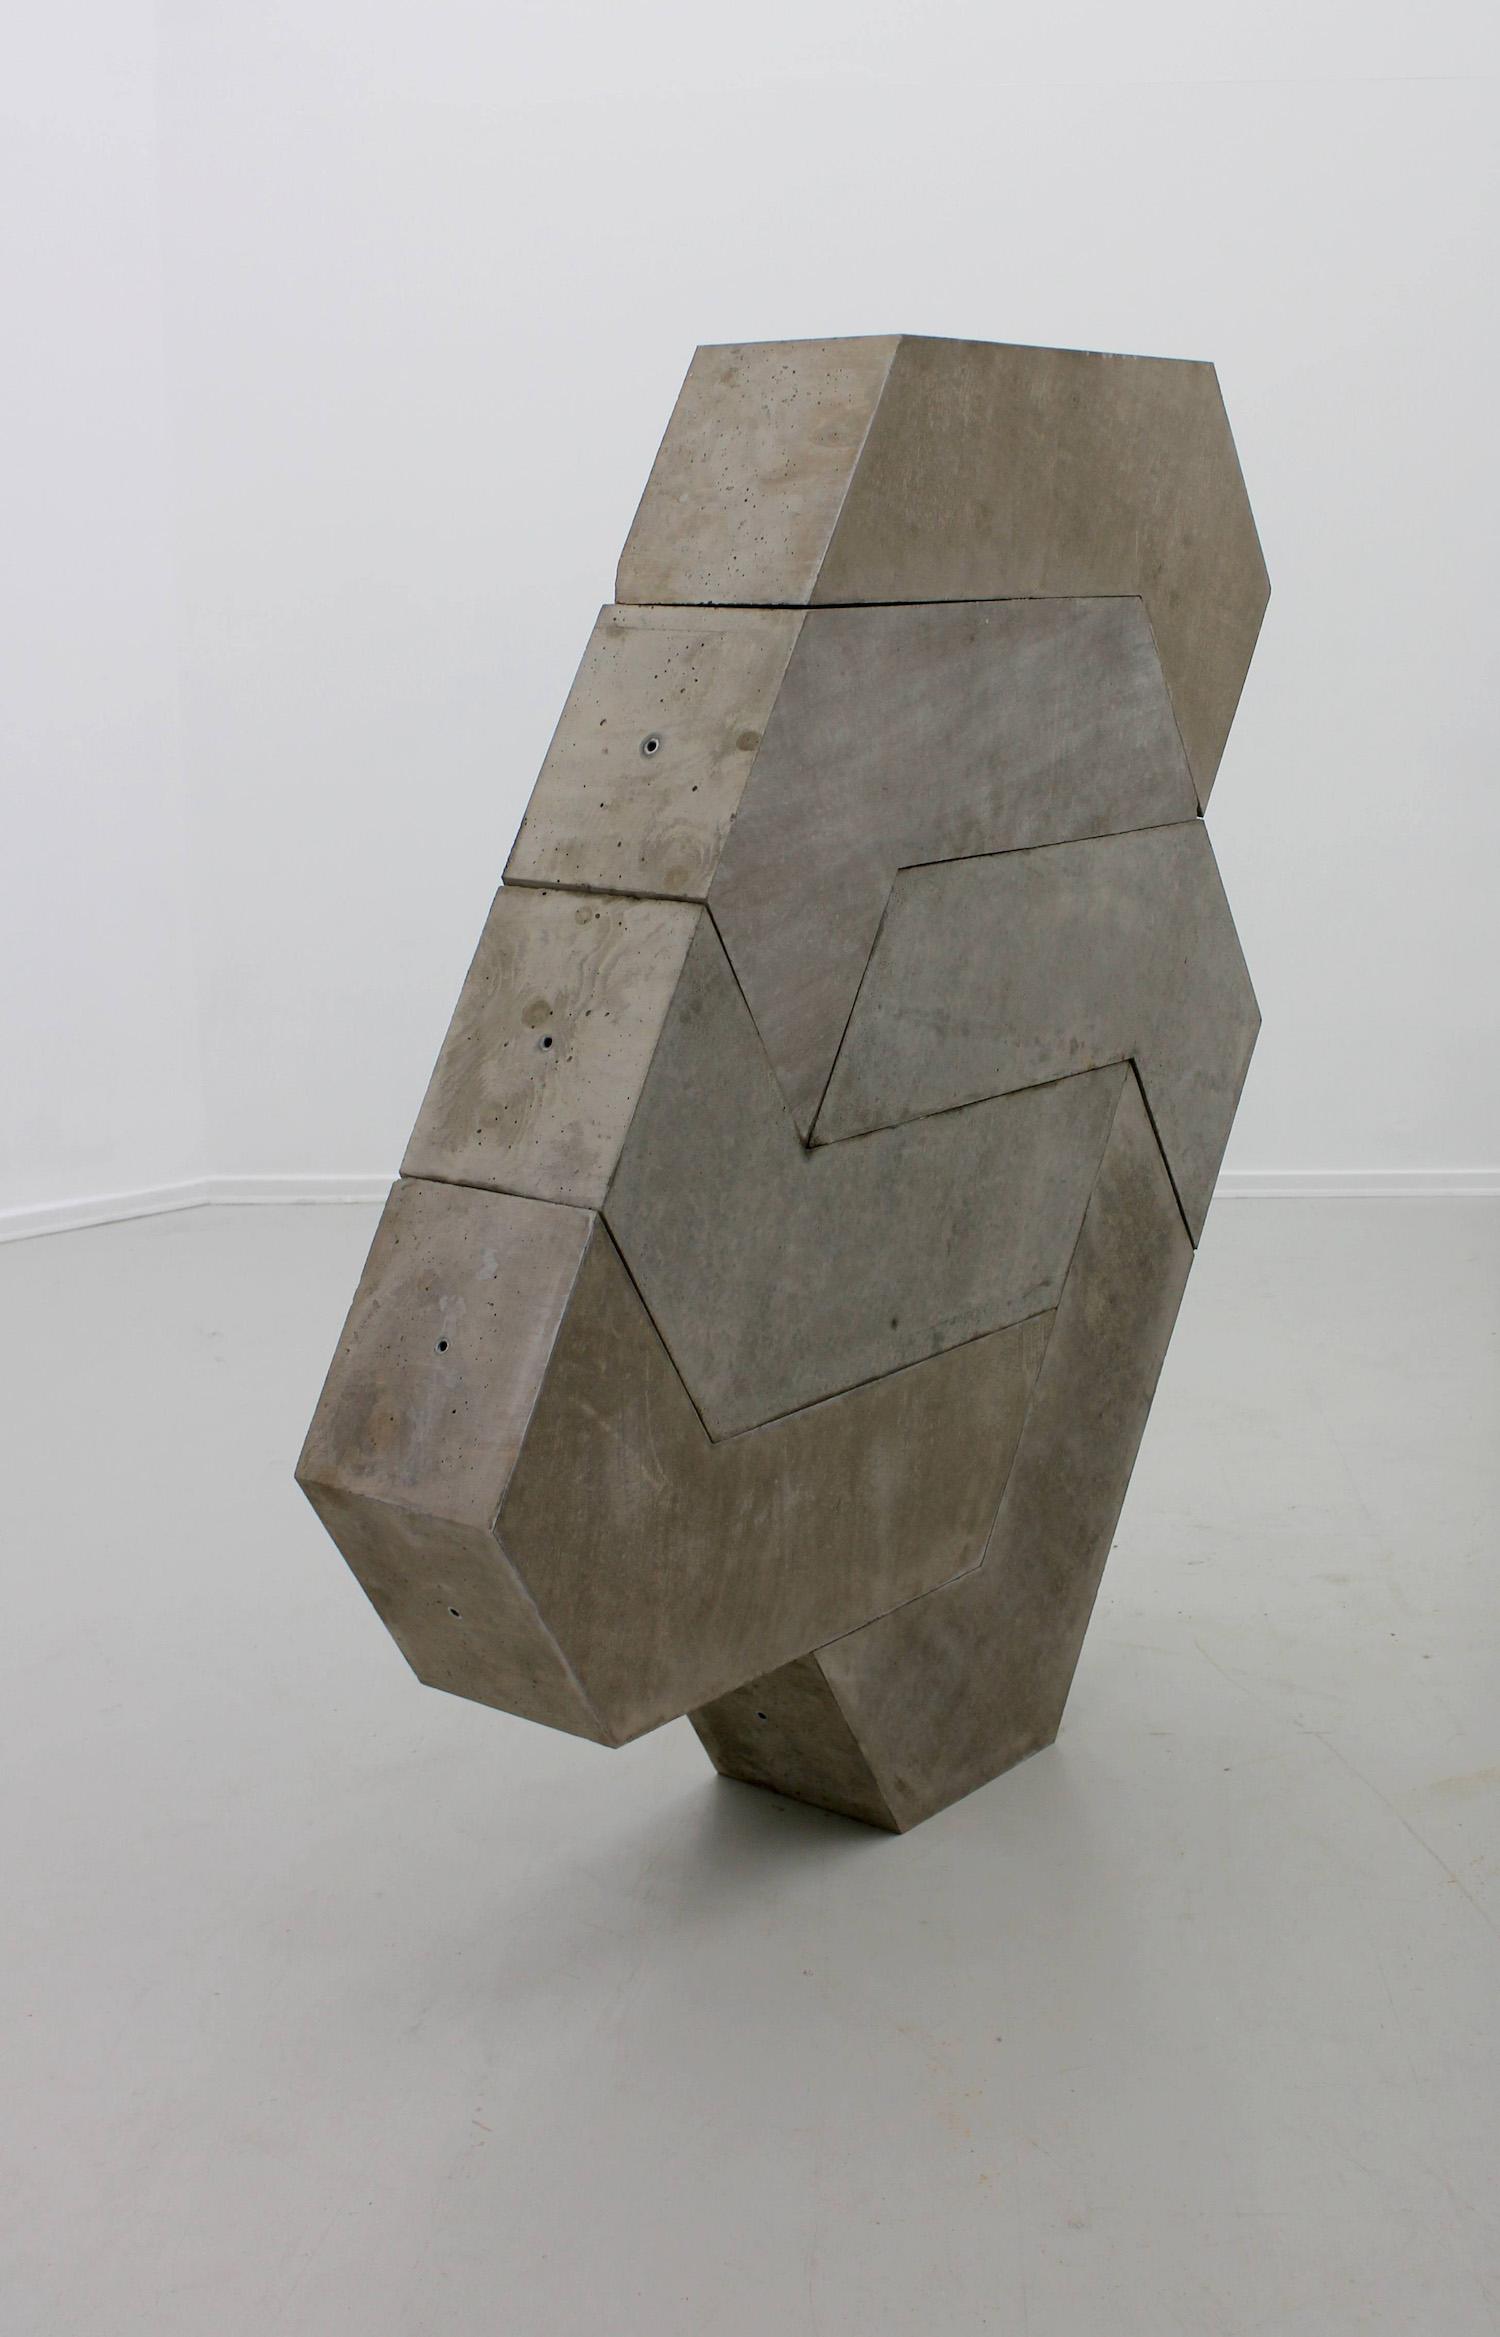 47-concrete(500KB).jpeg